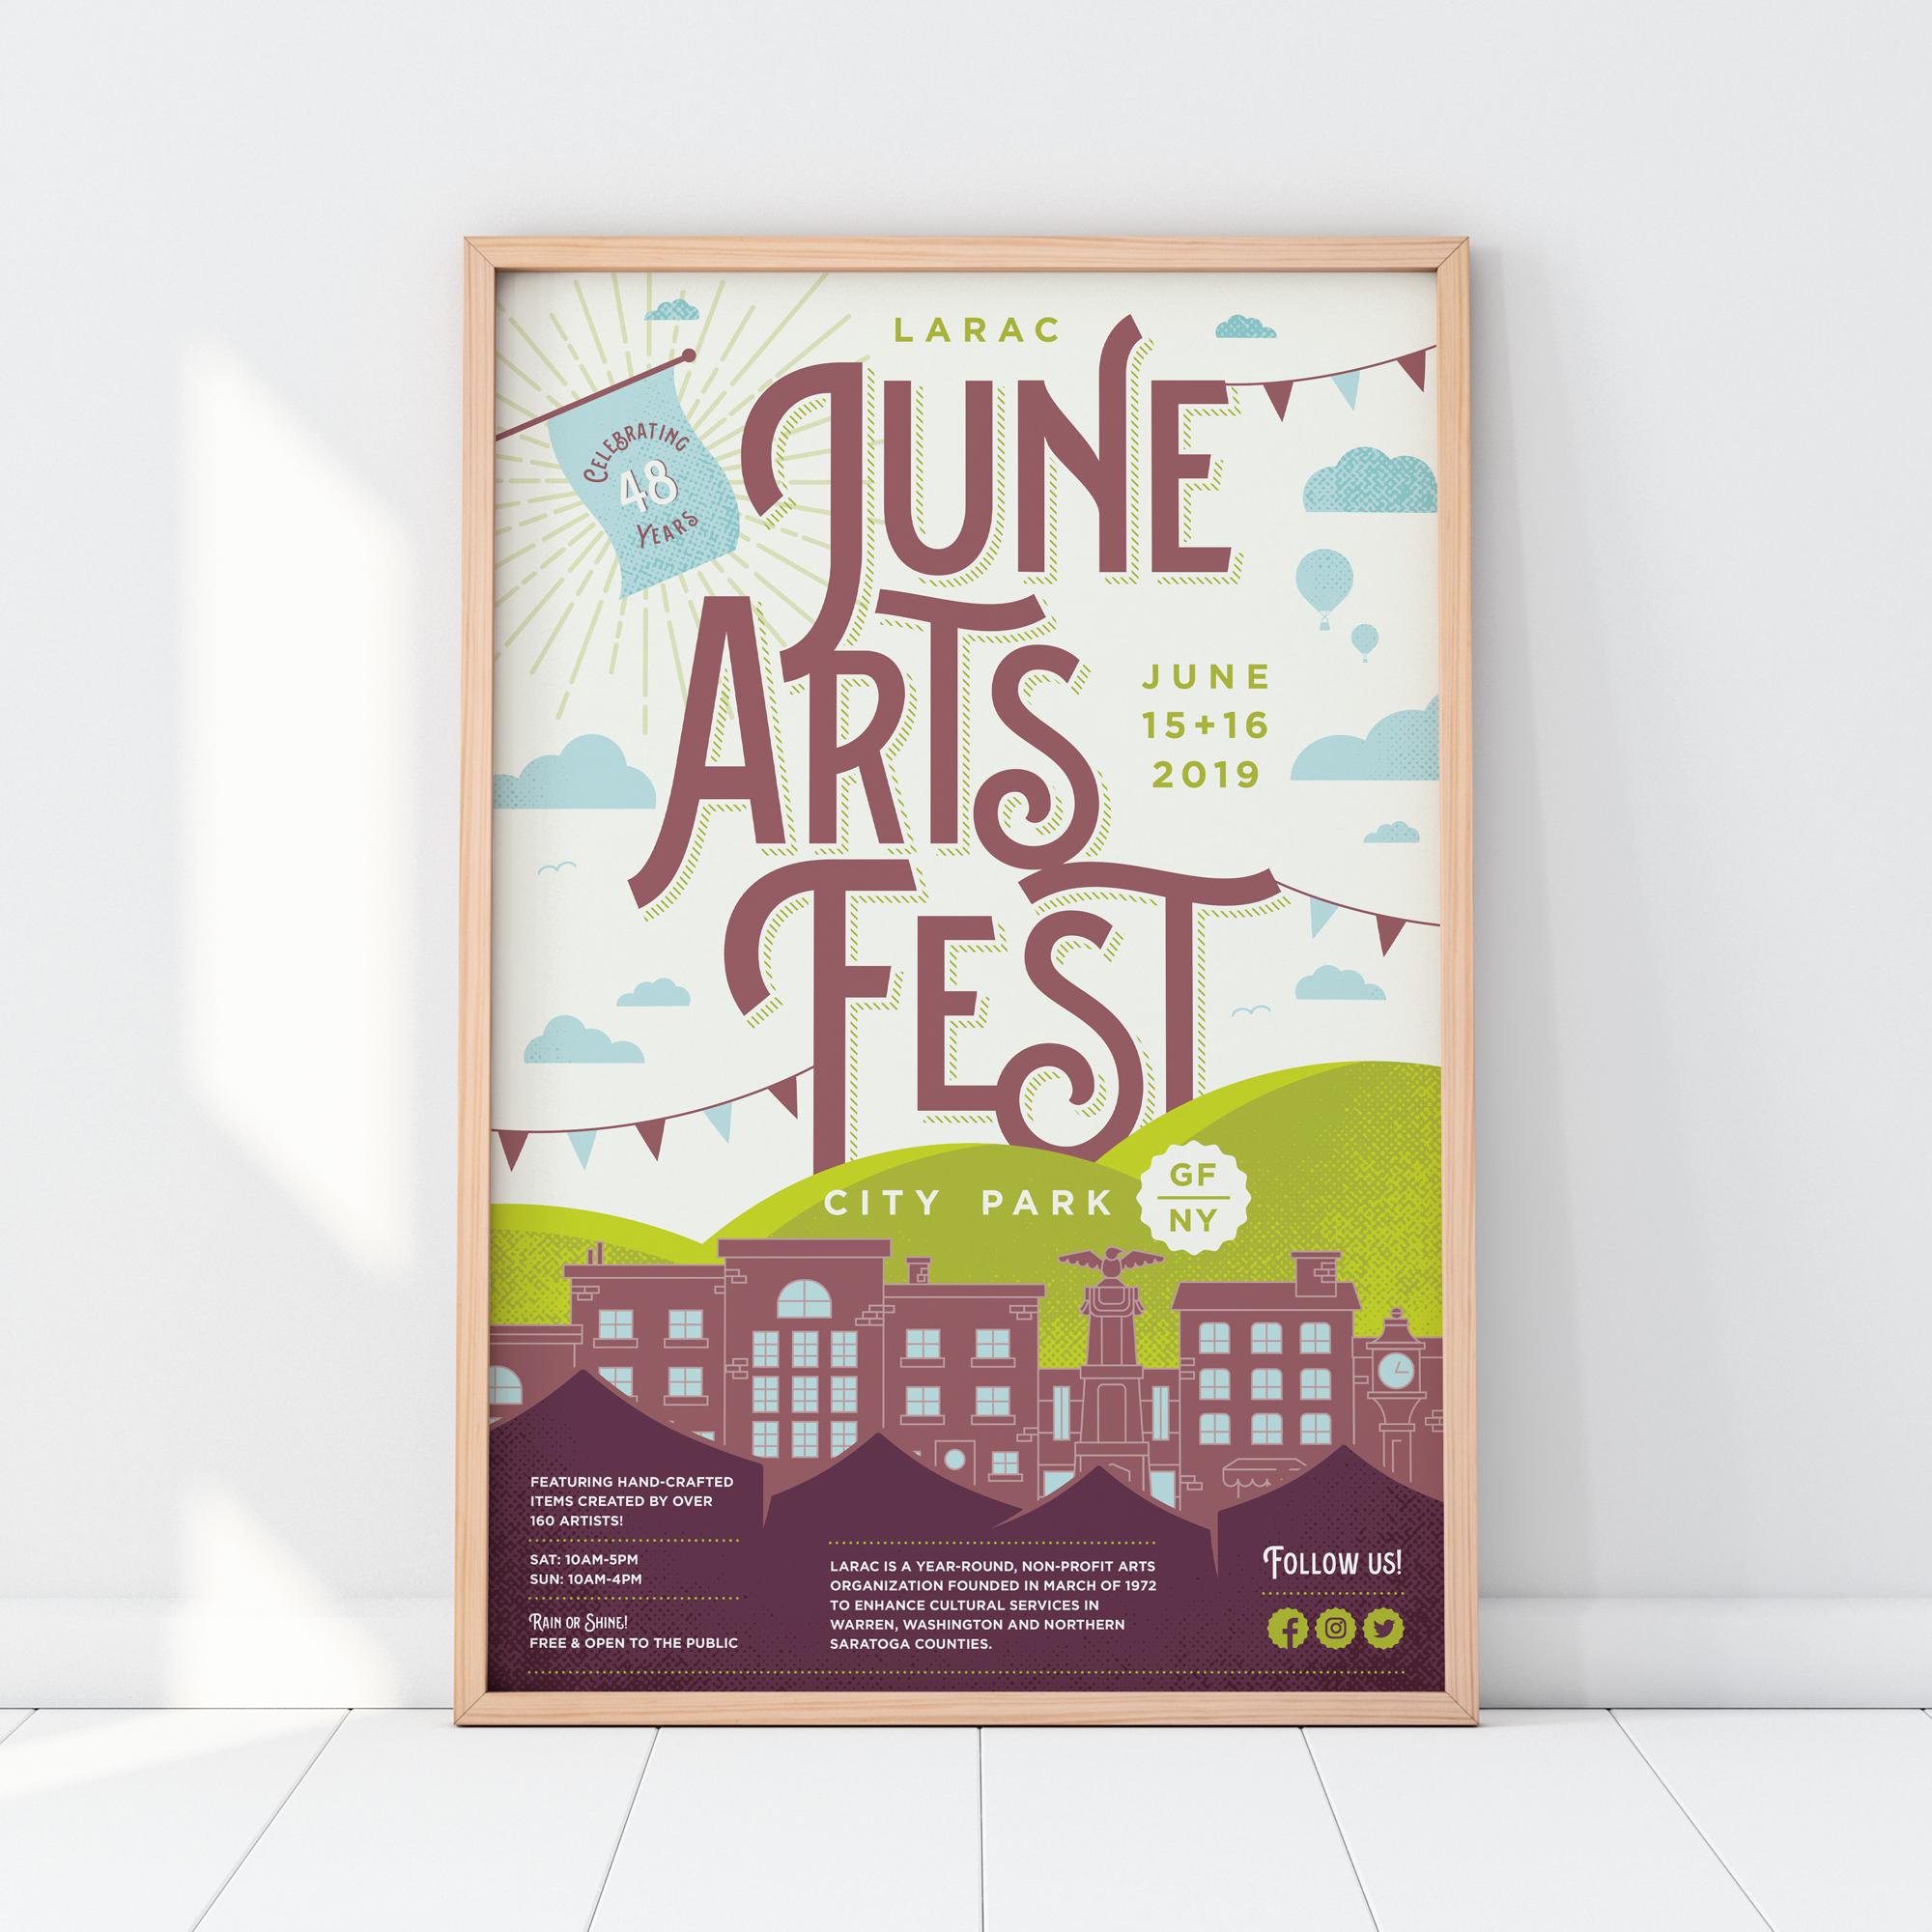 LARAC_ArtsFest_Poster2019_v1.jpg